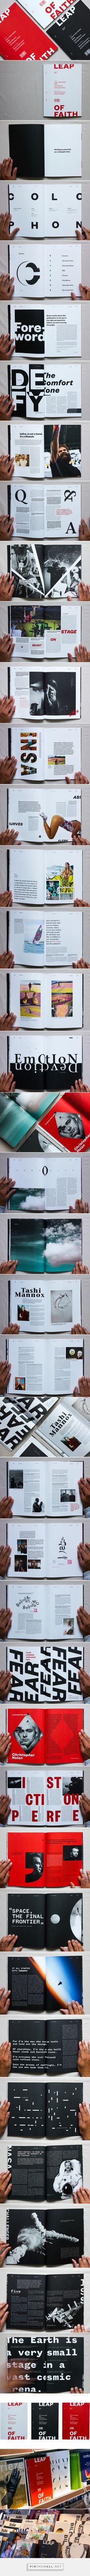 Leap of Faith – Magazine by Umer Ahmed